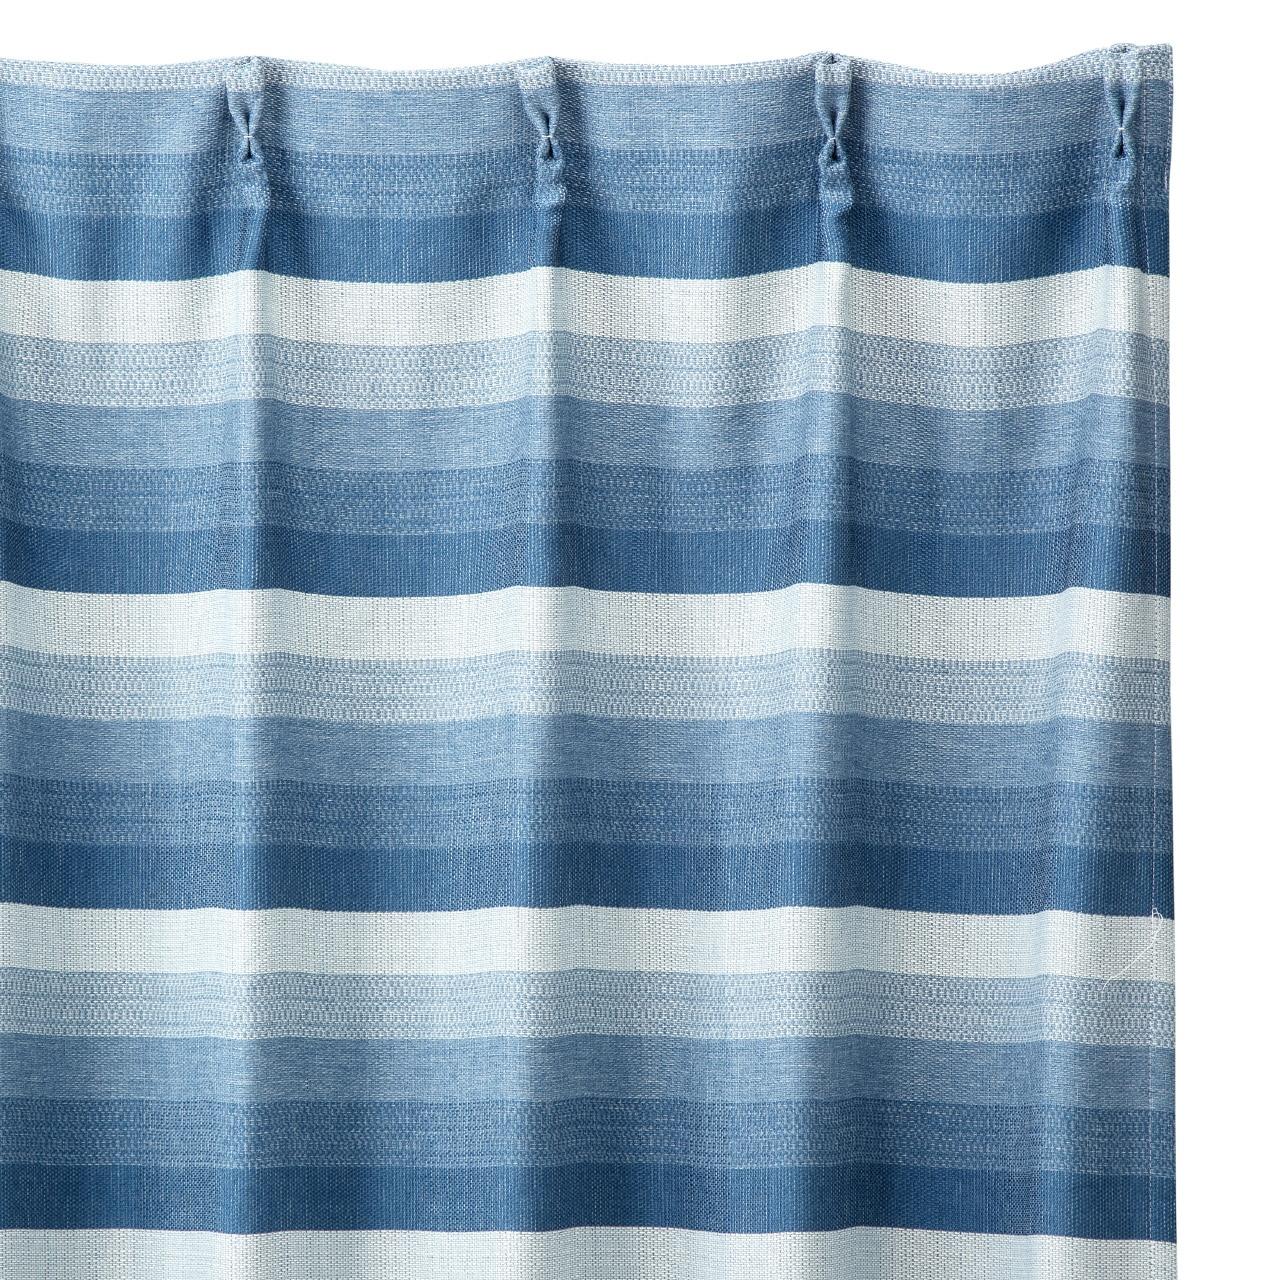 【数量限定】遮光 ブラウボーダー 100×178cm 4枚組セットカーテン